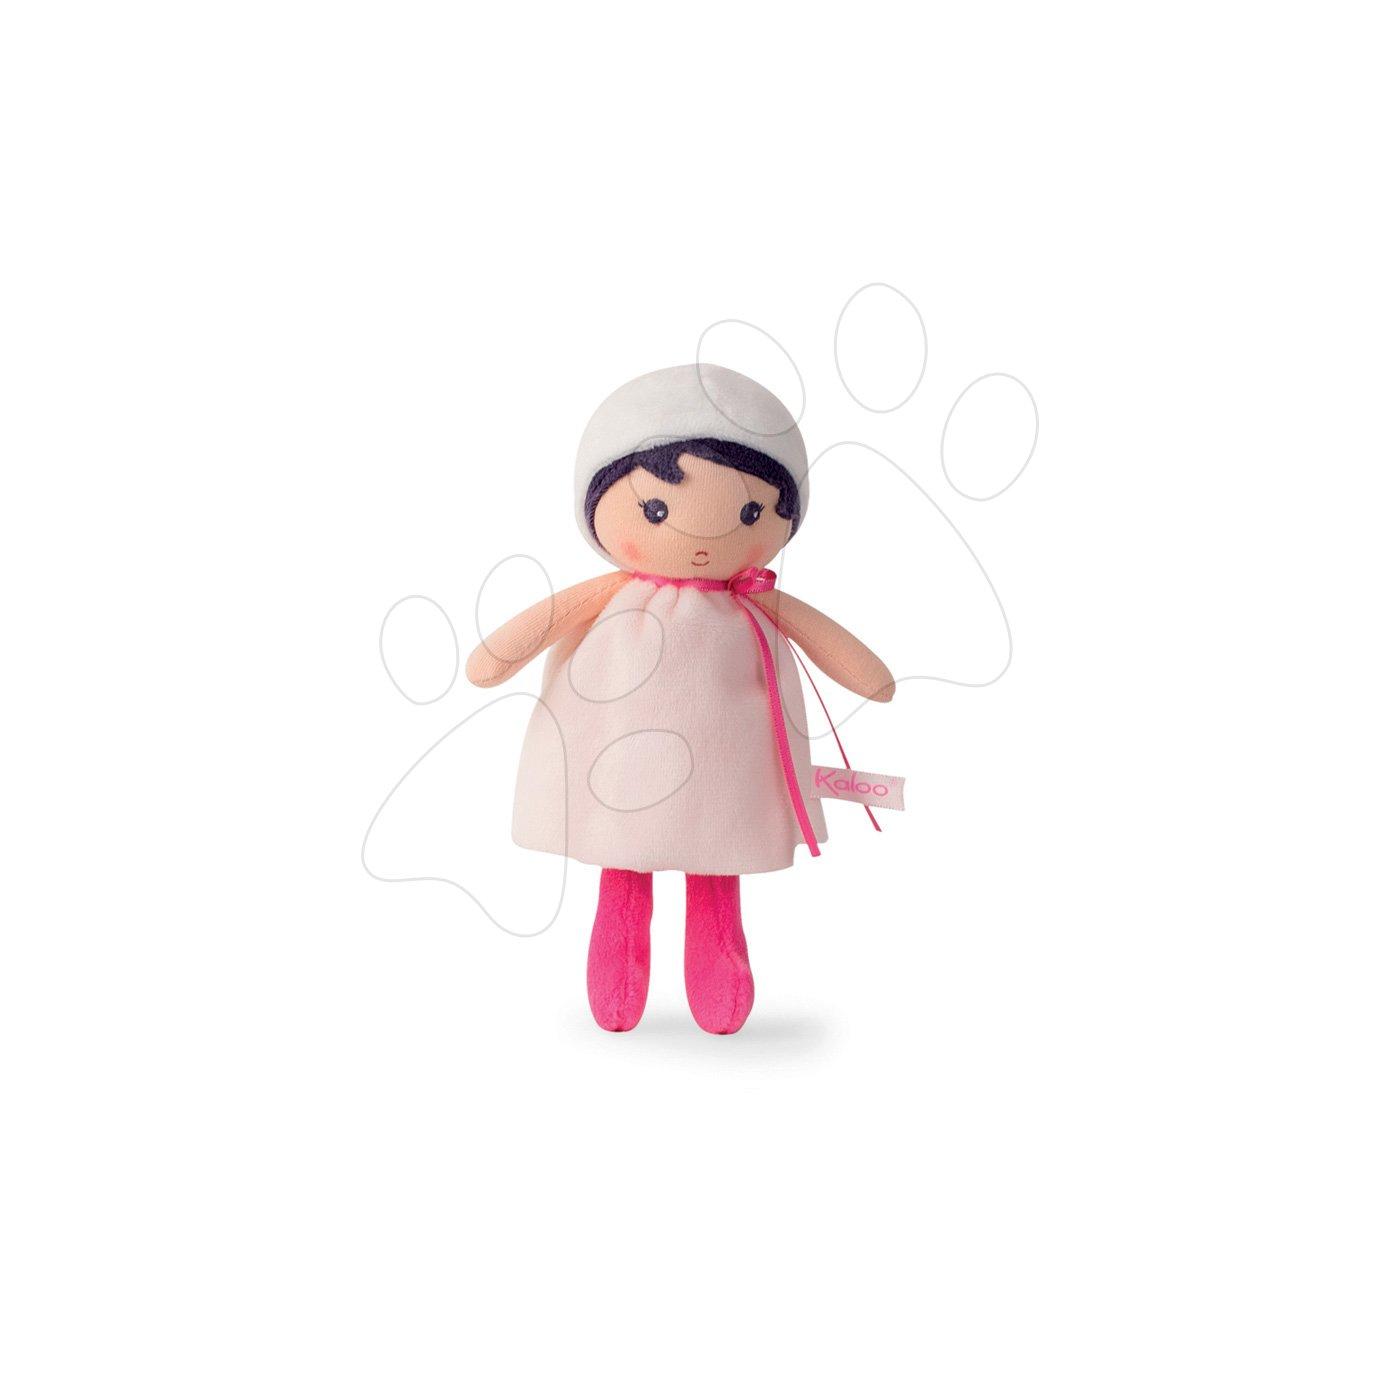 Kaloo bábika pre bábätká Perle K Tendresse 18 cm v bielych šatách z jemného textilu v darčekovom balení 962094